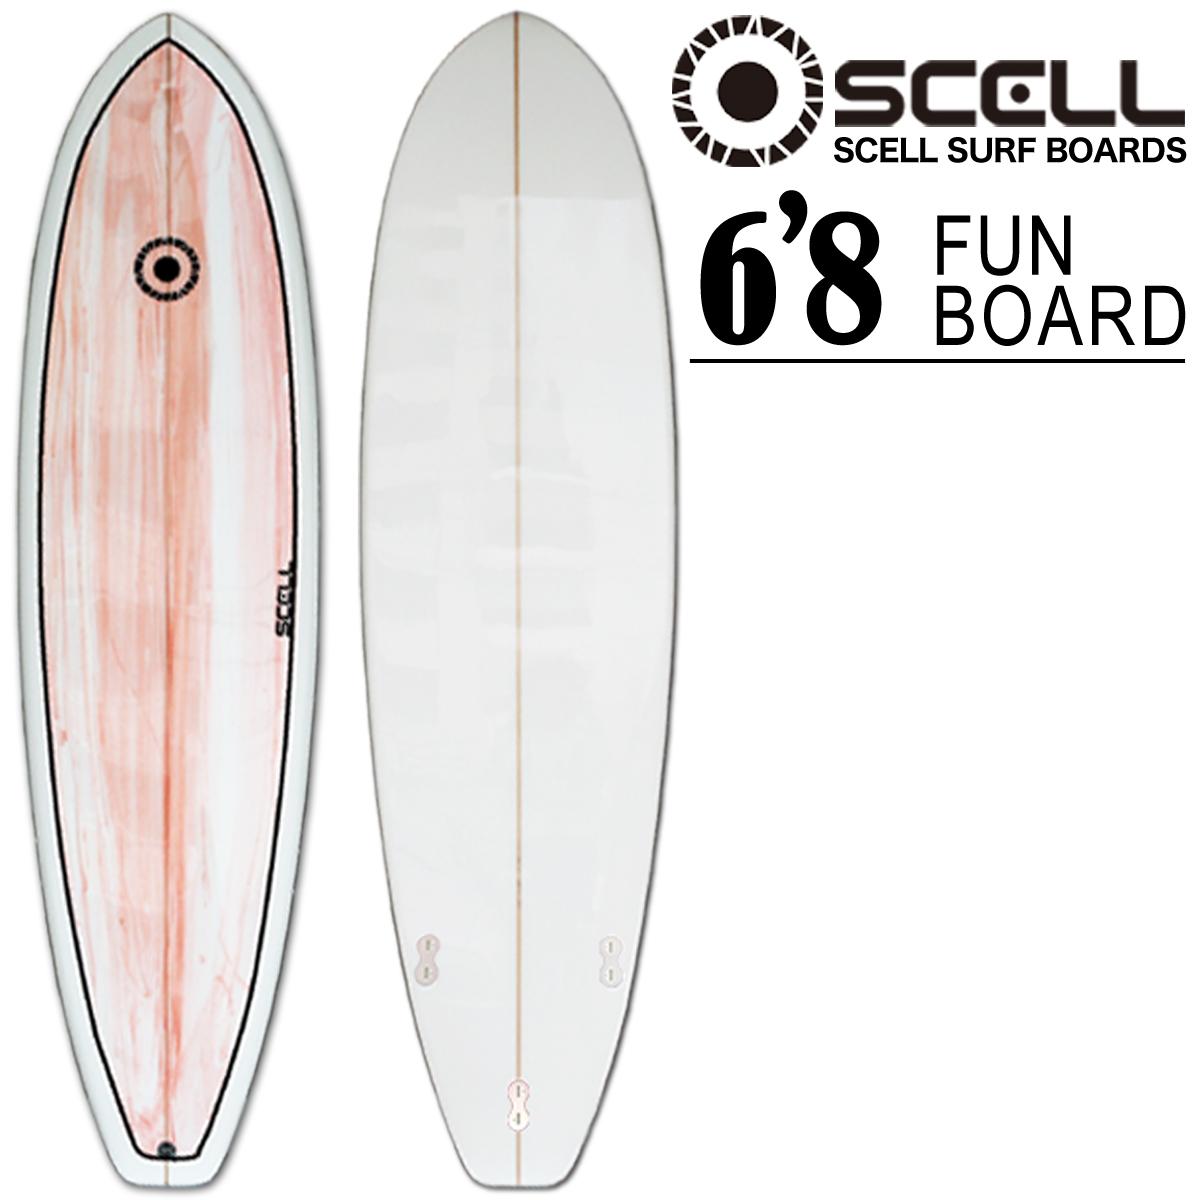 ファンボード 6'8 ピンク●サーフボード 【SCELL】 サーフィン 【希望小売価格の63%OFF】